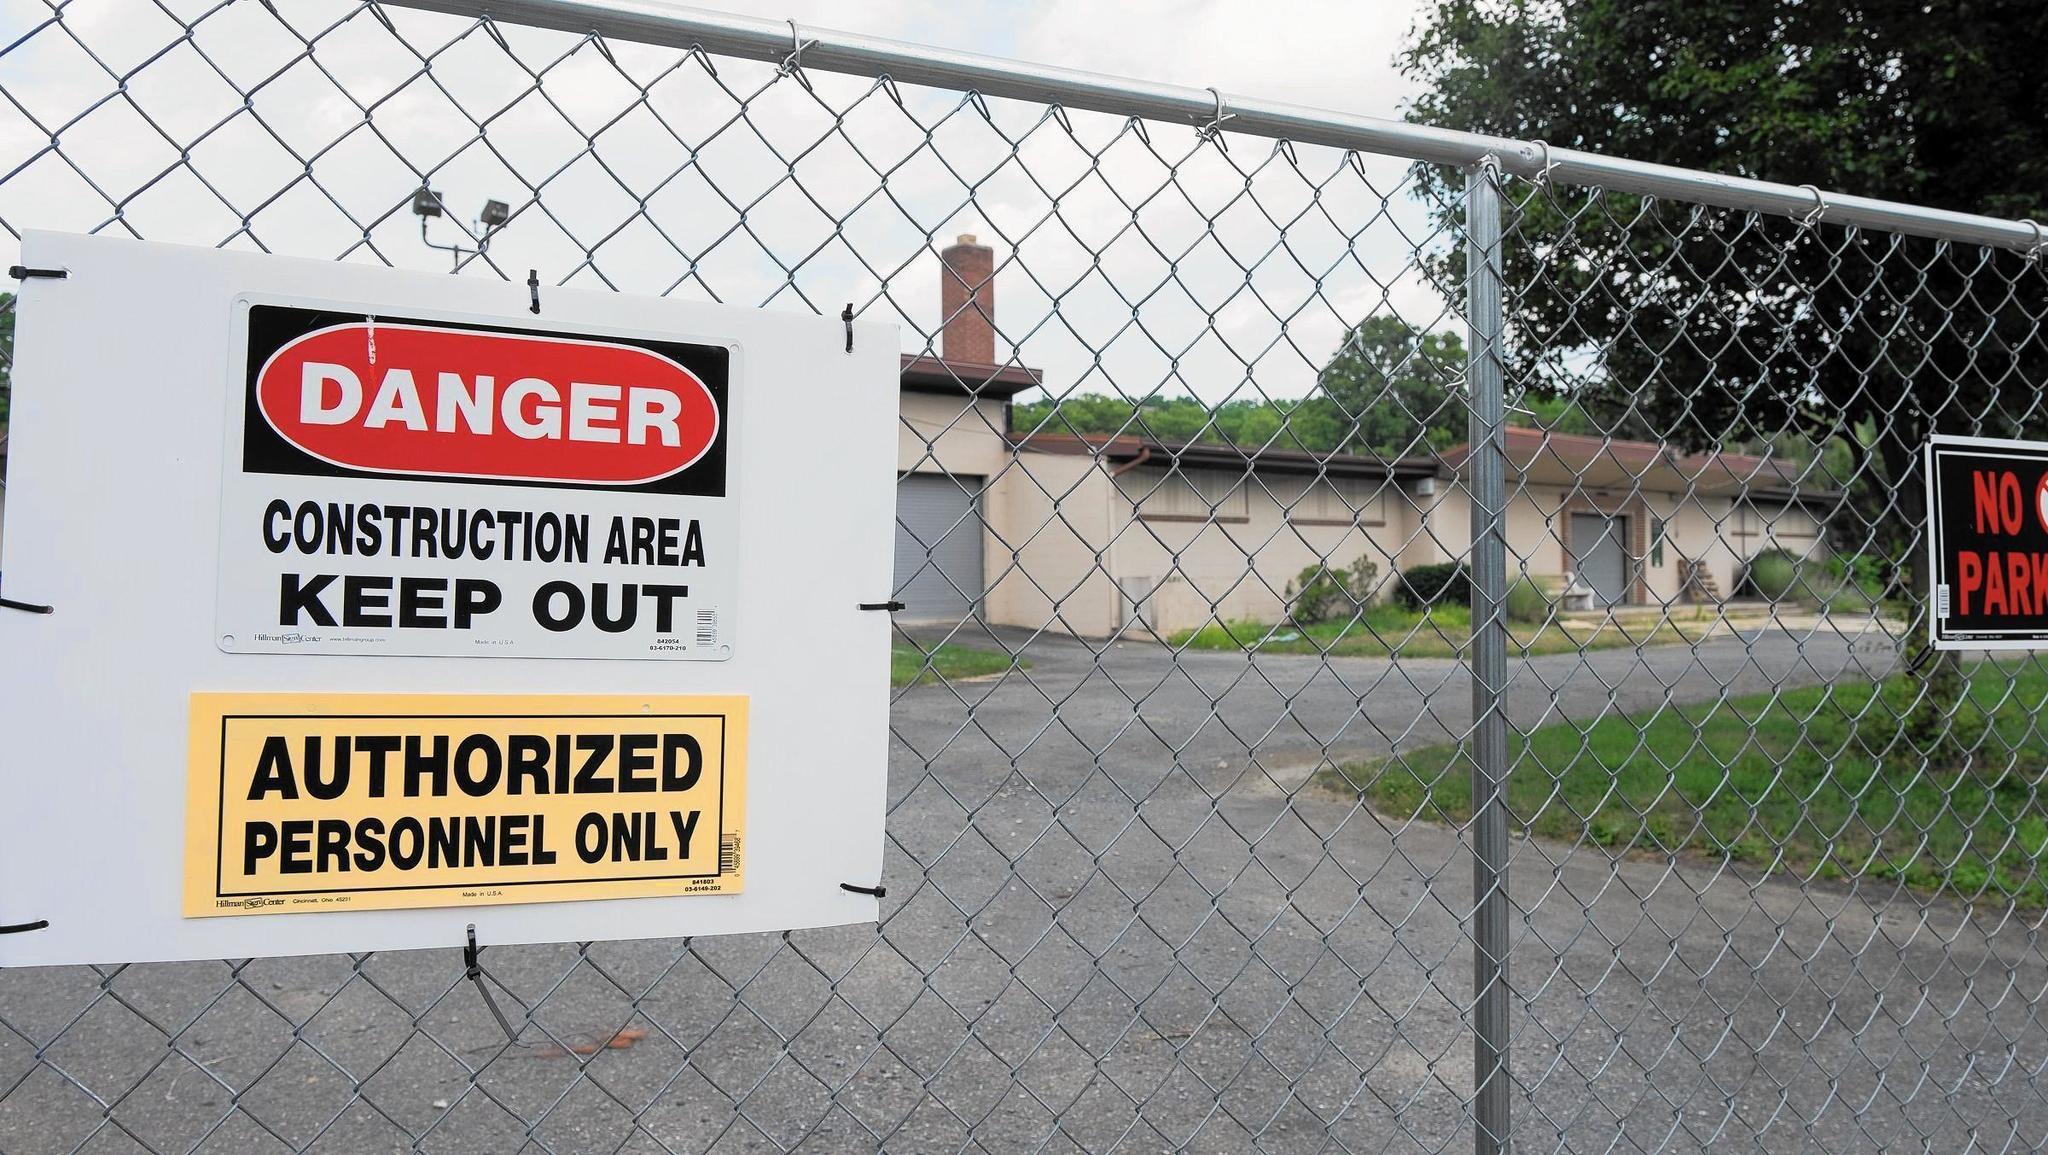 Grand jury scrutinizes cedar beach pool repairs the - Cedar beach swimming pool allentown pa ...